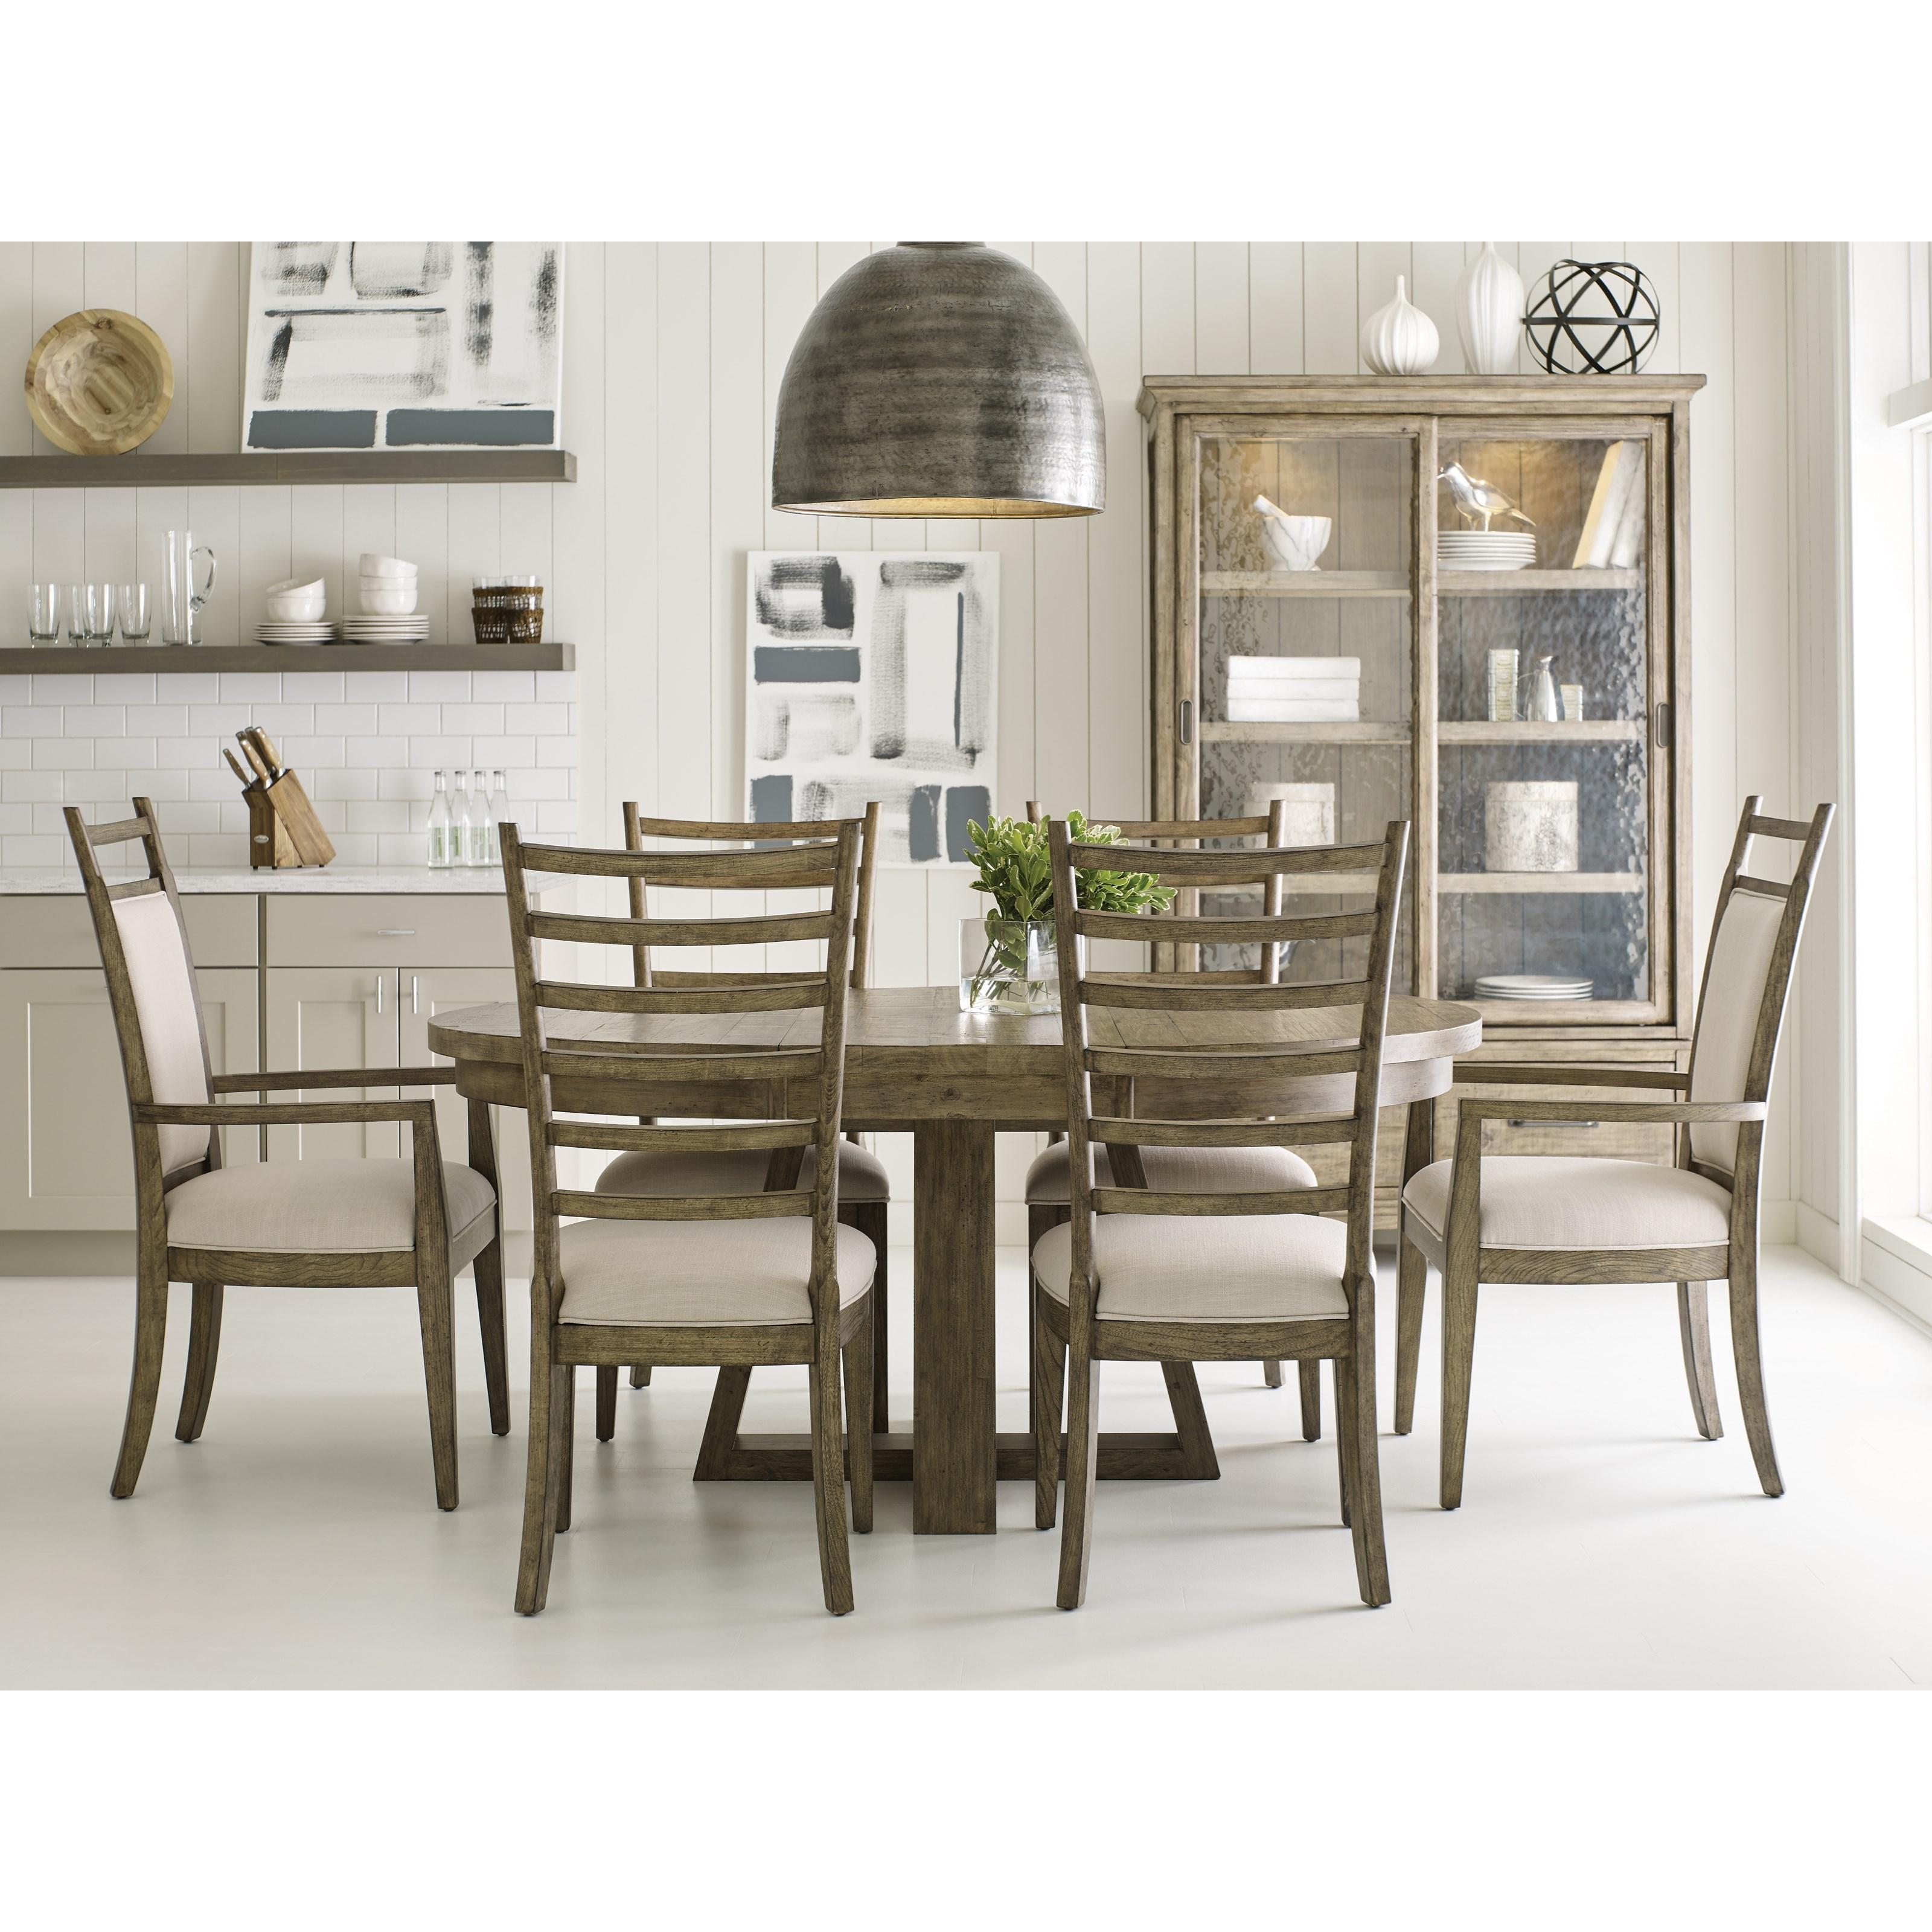 Kincaid Furniture Plank RoadFormal Dining Room Group